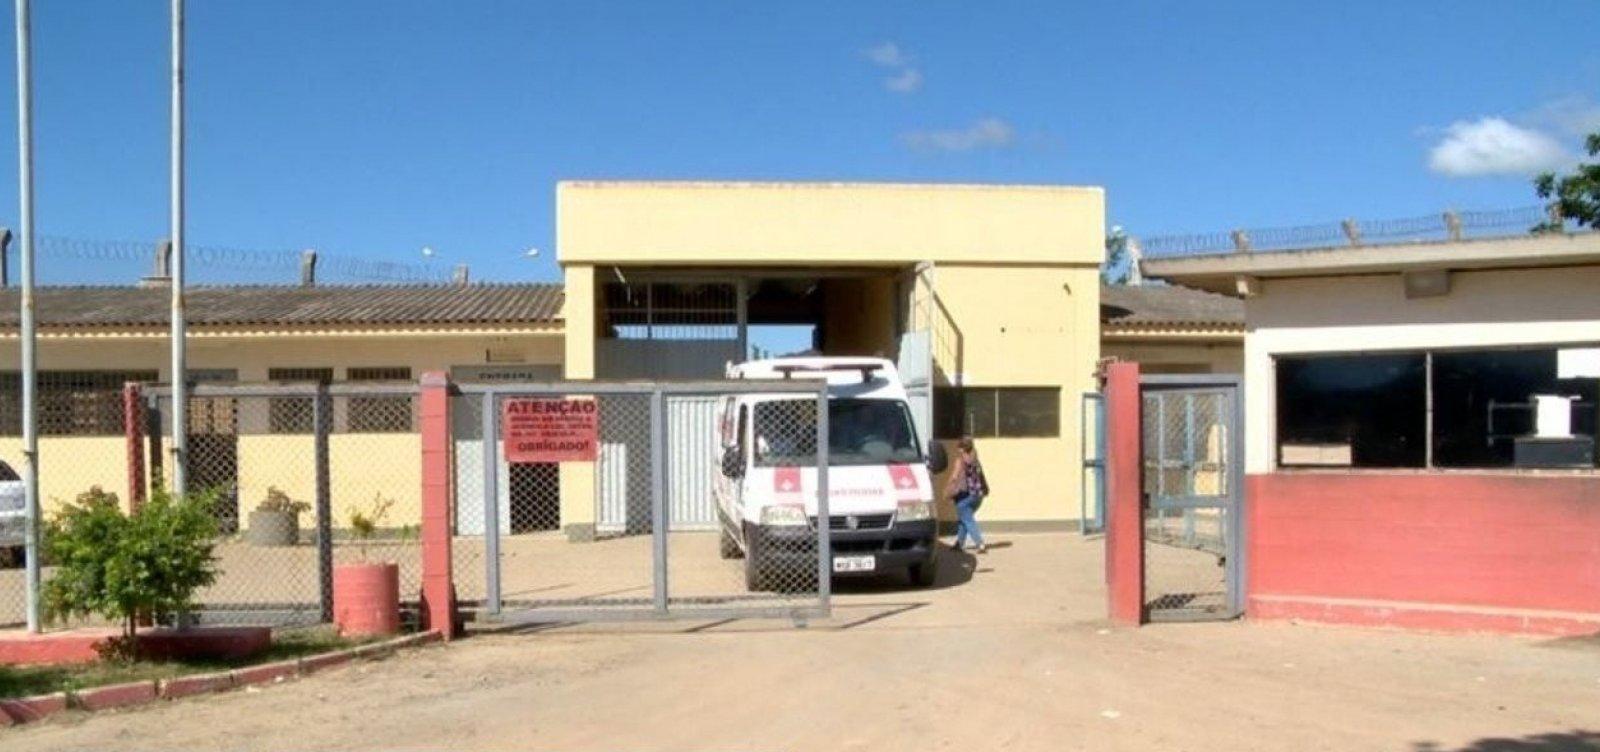 Homem suspeito de estuprar e engravidar sobrinha de 10 anos no ES é preso em MG